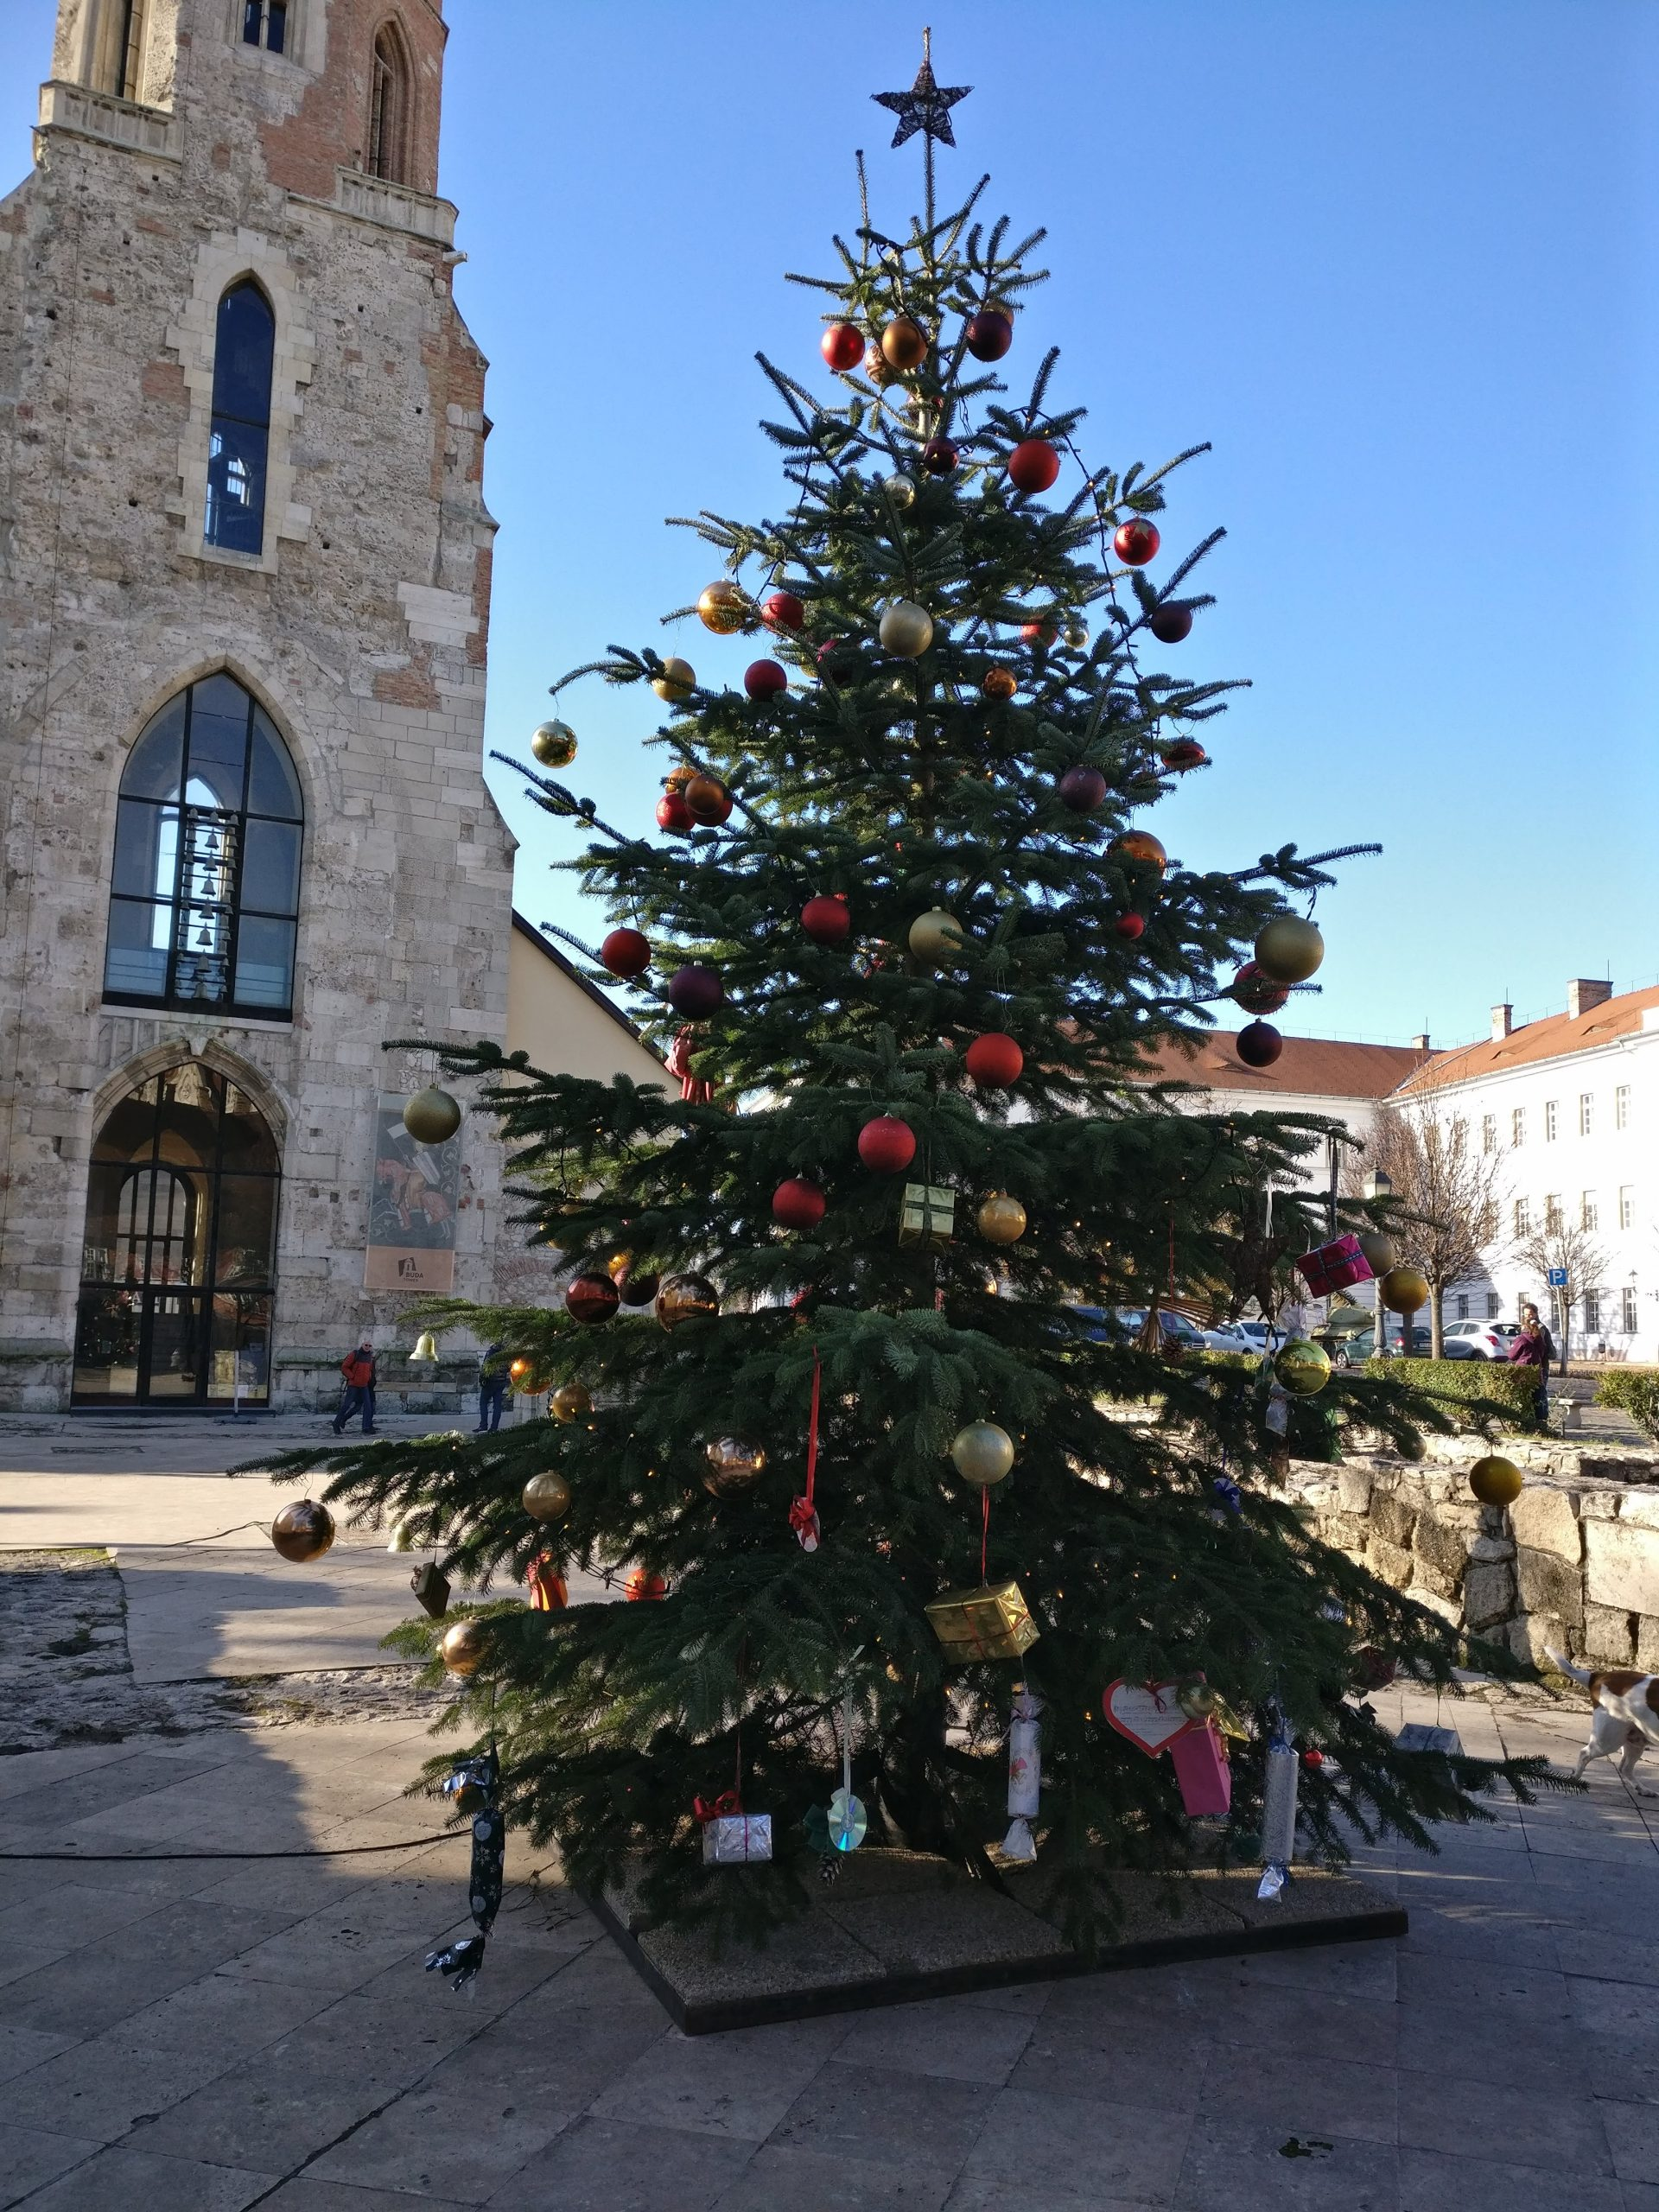 Kerstboom bij de Magdalena Kerk | Burchtheuvel | Boedapest